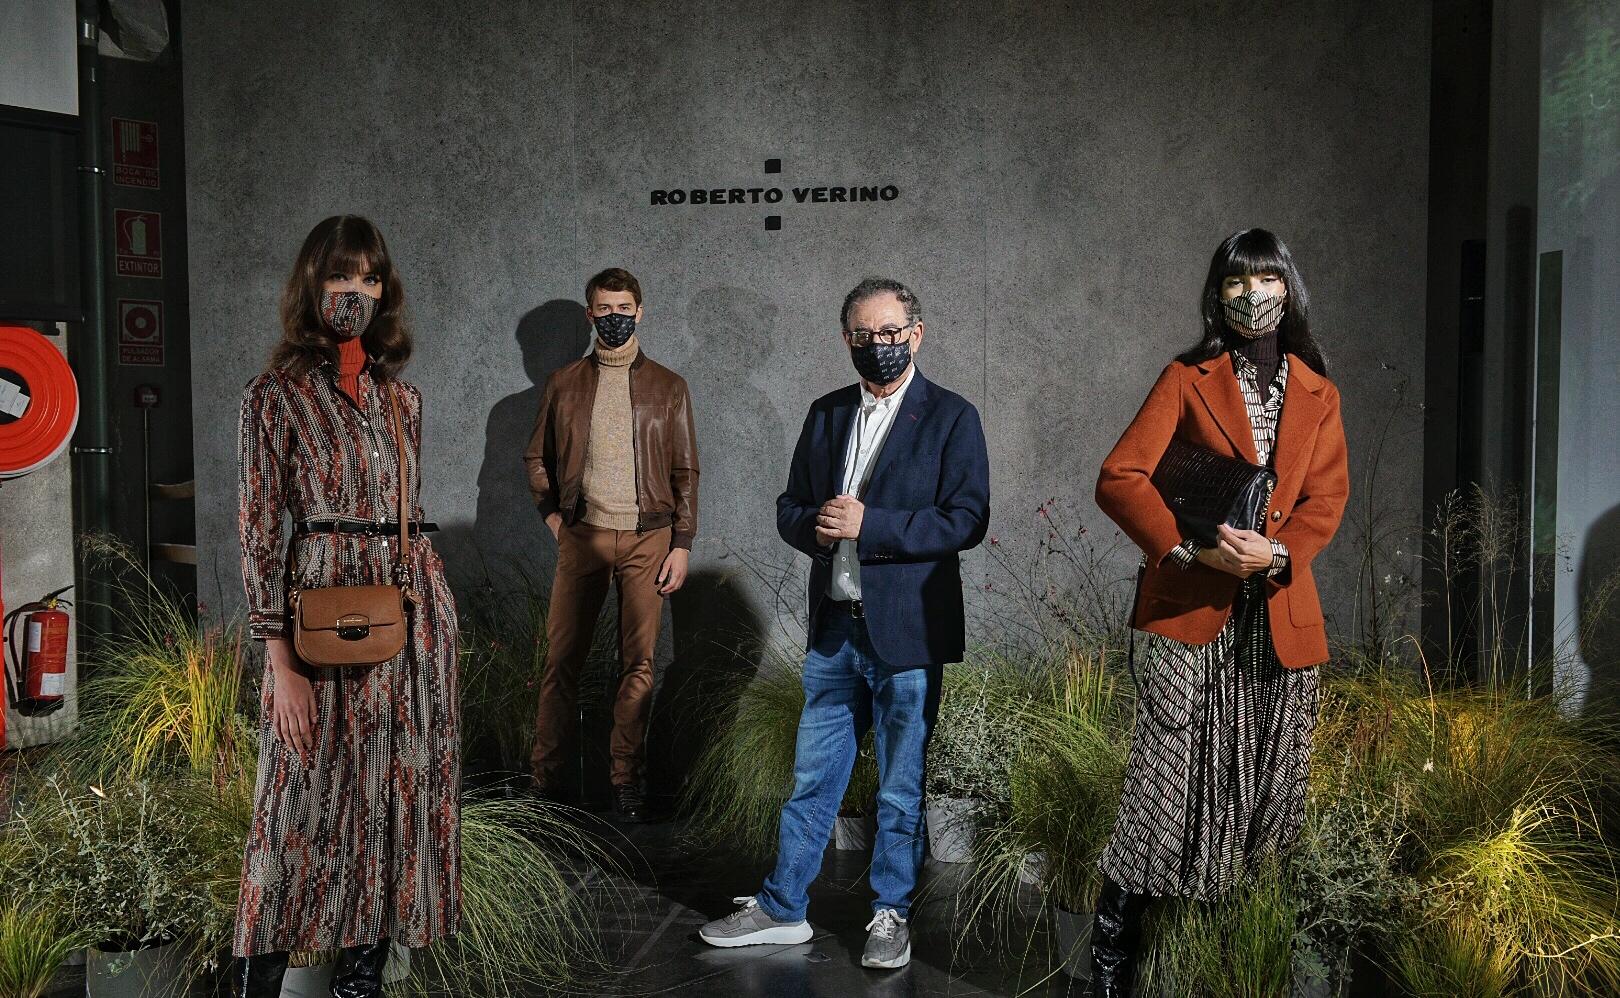 Roberto Verino inaugura la Semana de la Moda de Madrid con una colección que apuesta por el slow fashion